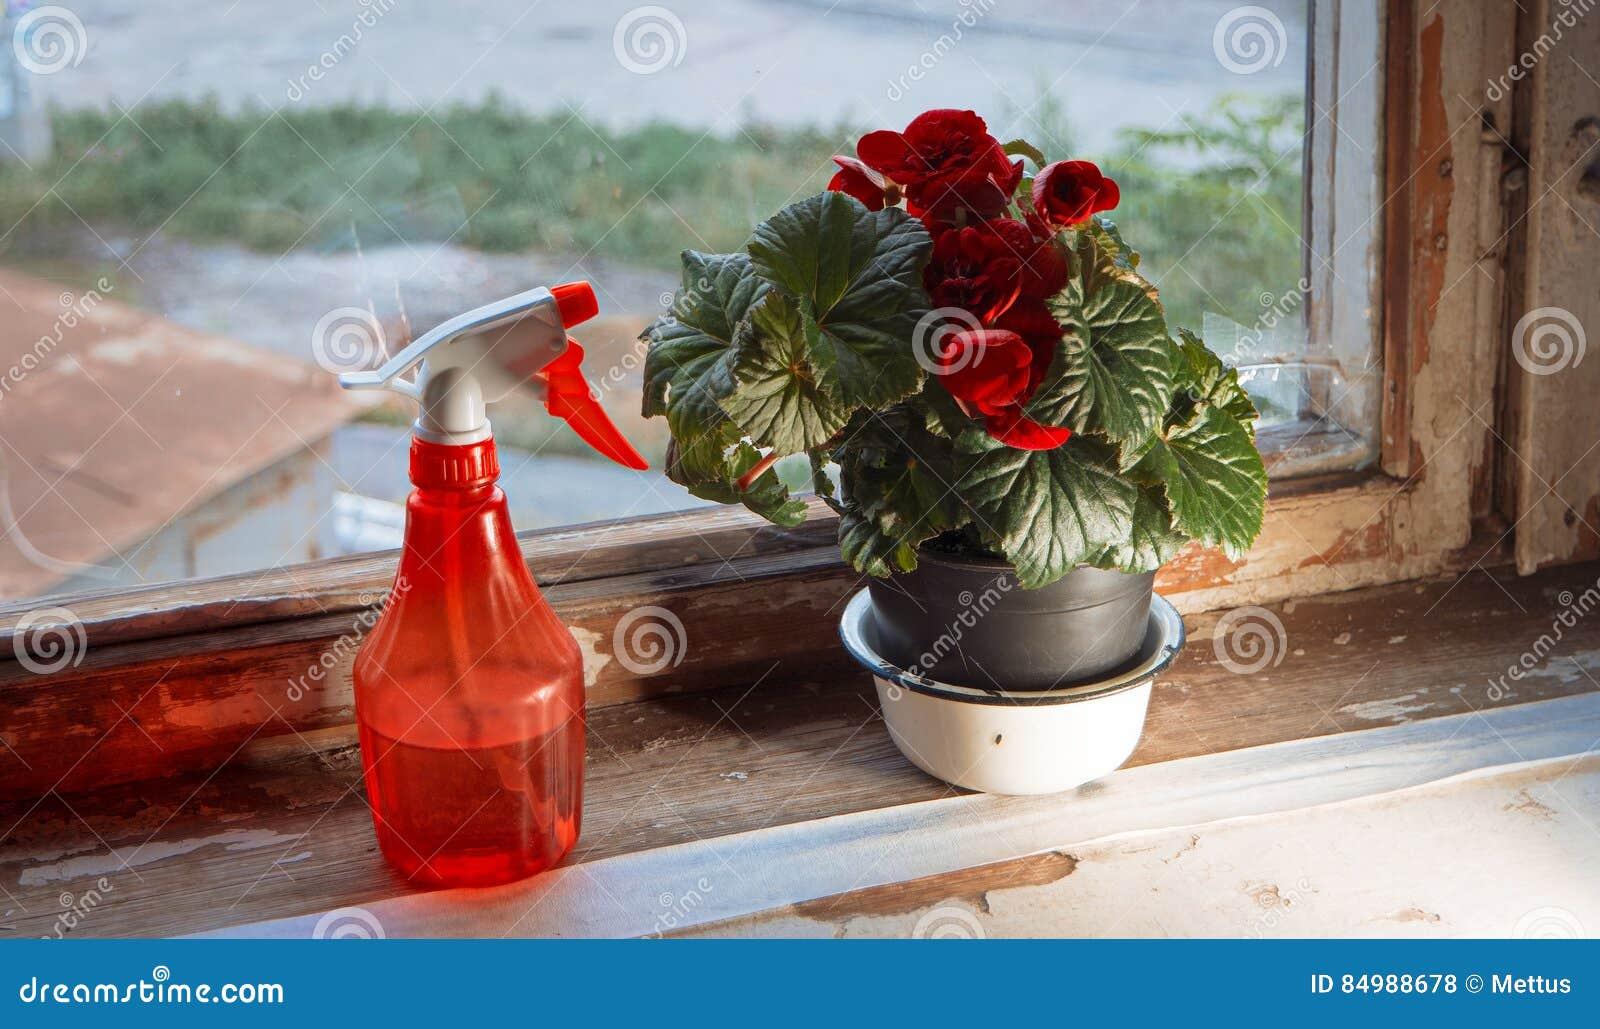 Spruzzatore e pianta da appartamento dell 39 acqua rossa in for Grandi planimetrie dell appartamento